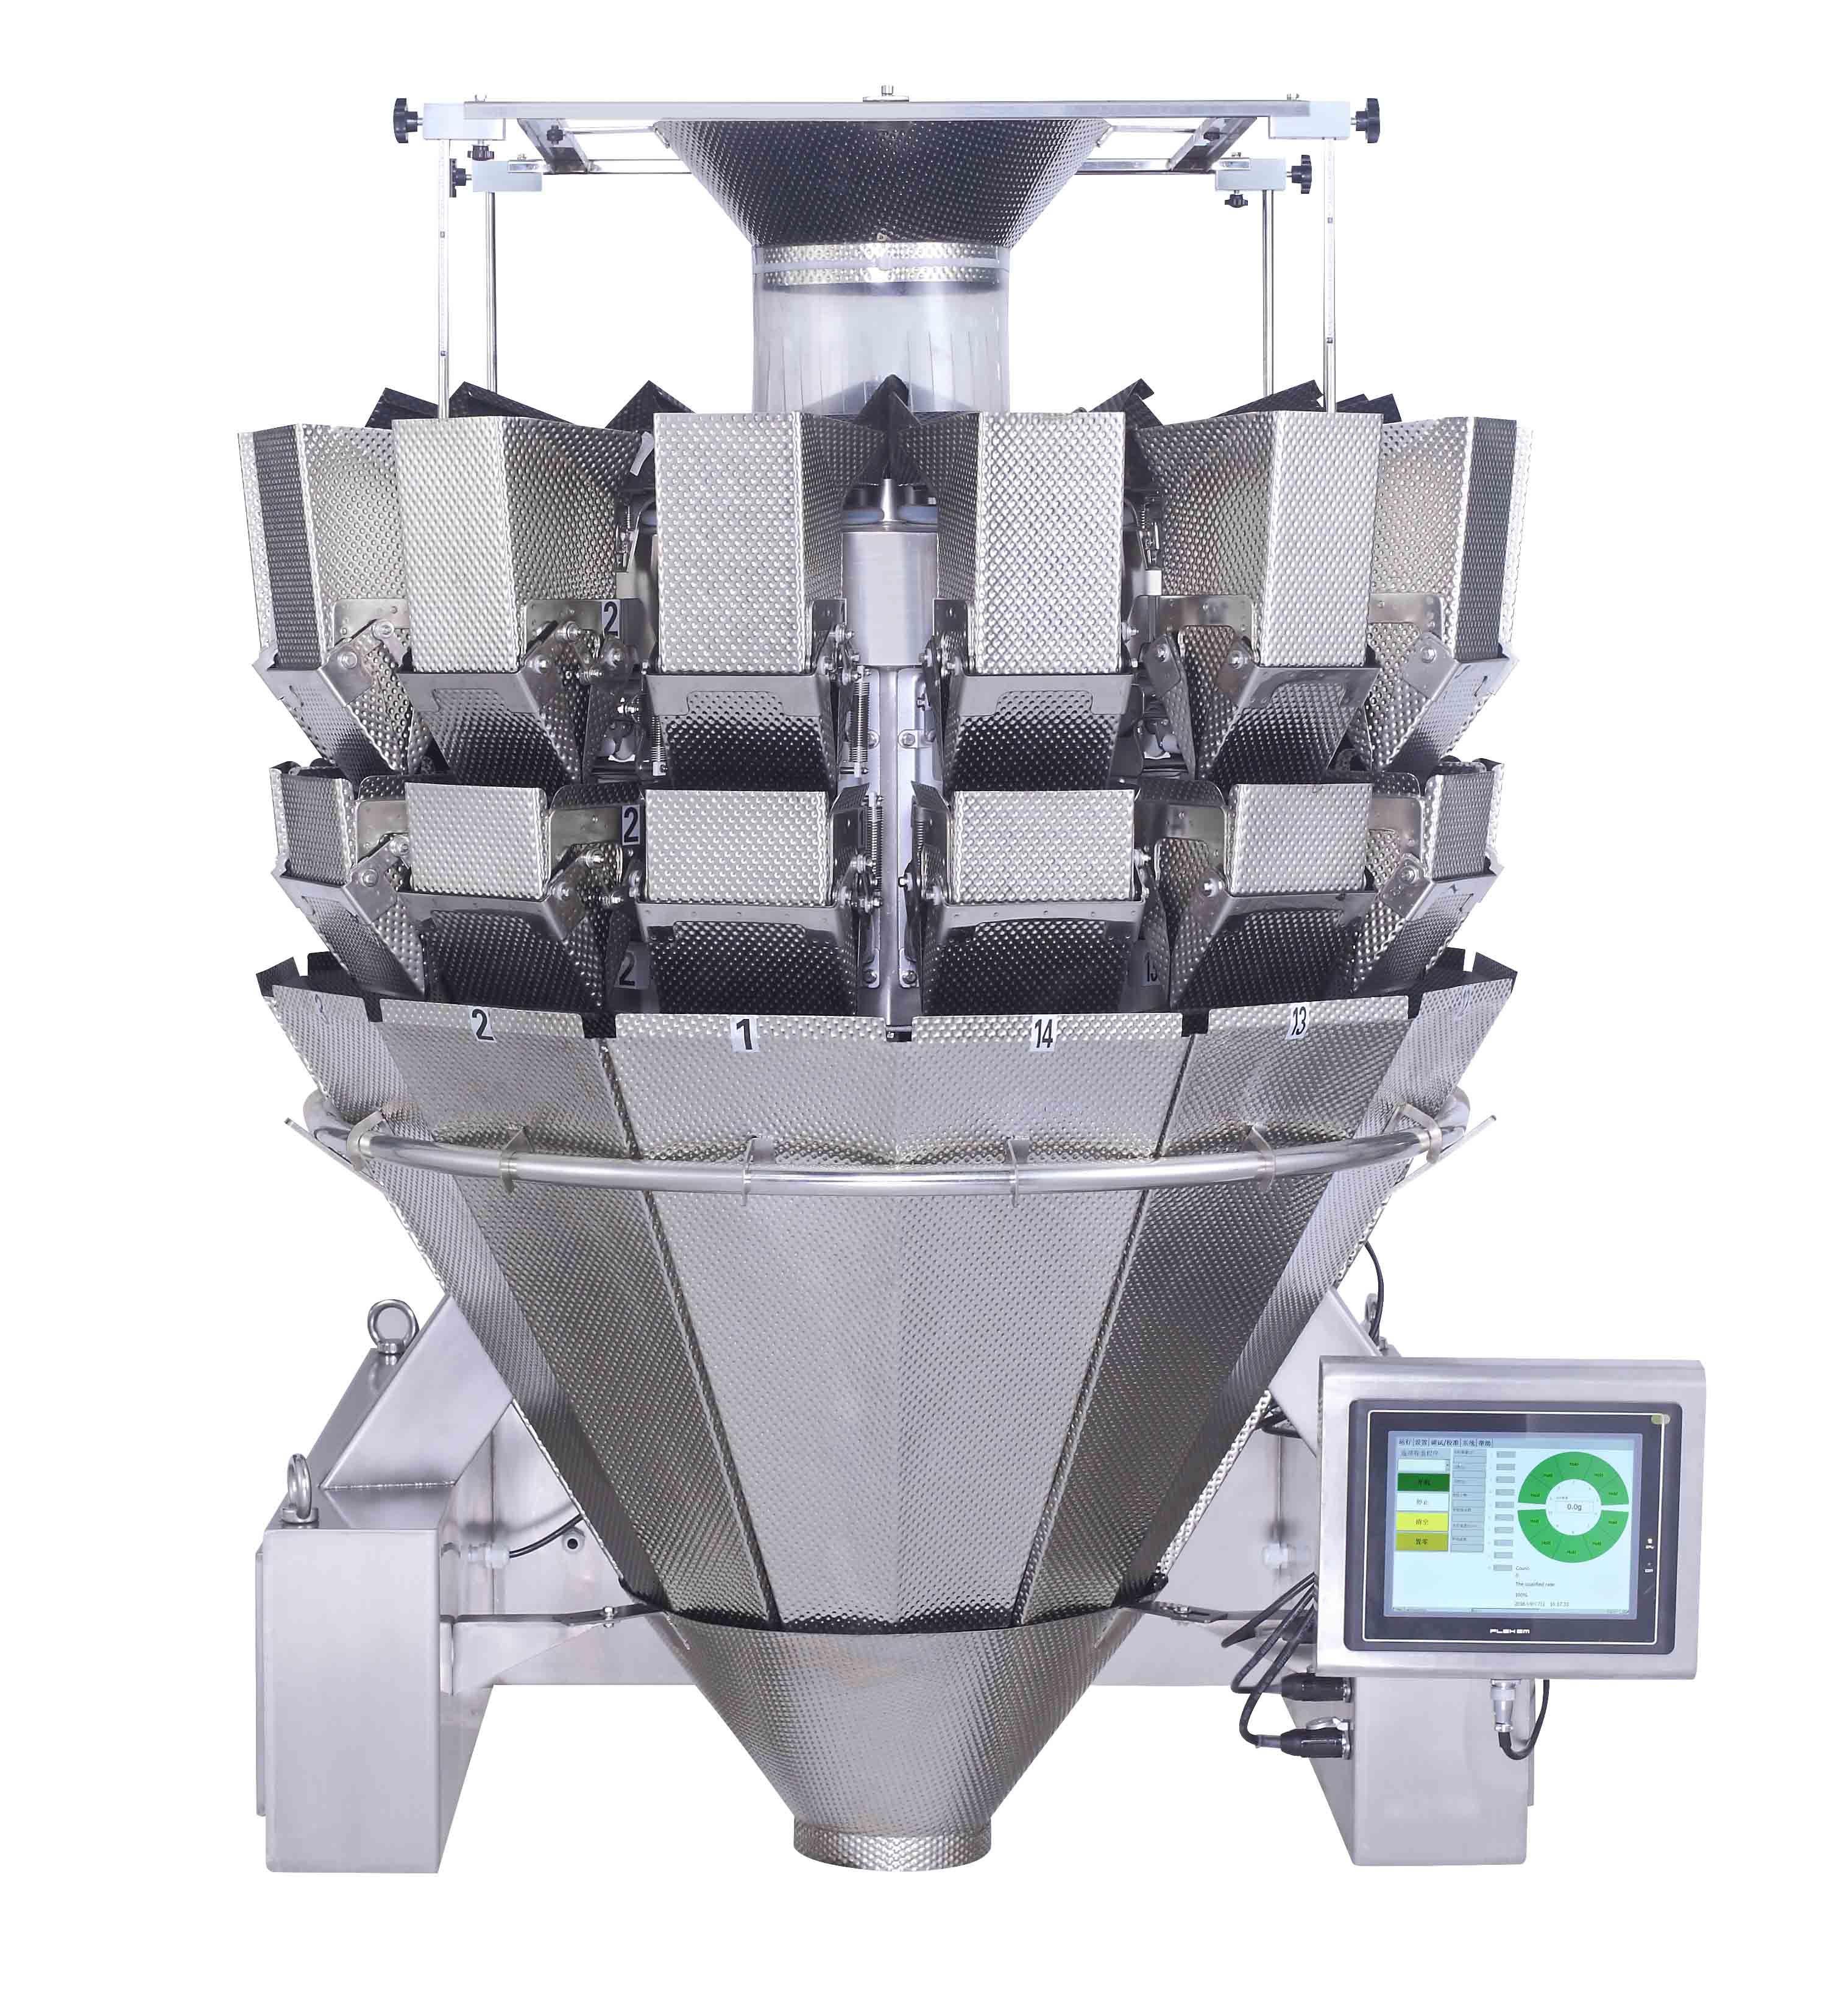 Frozen Foods Weighing Machine Multihead Weigher Jy-14hddt